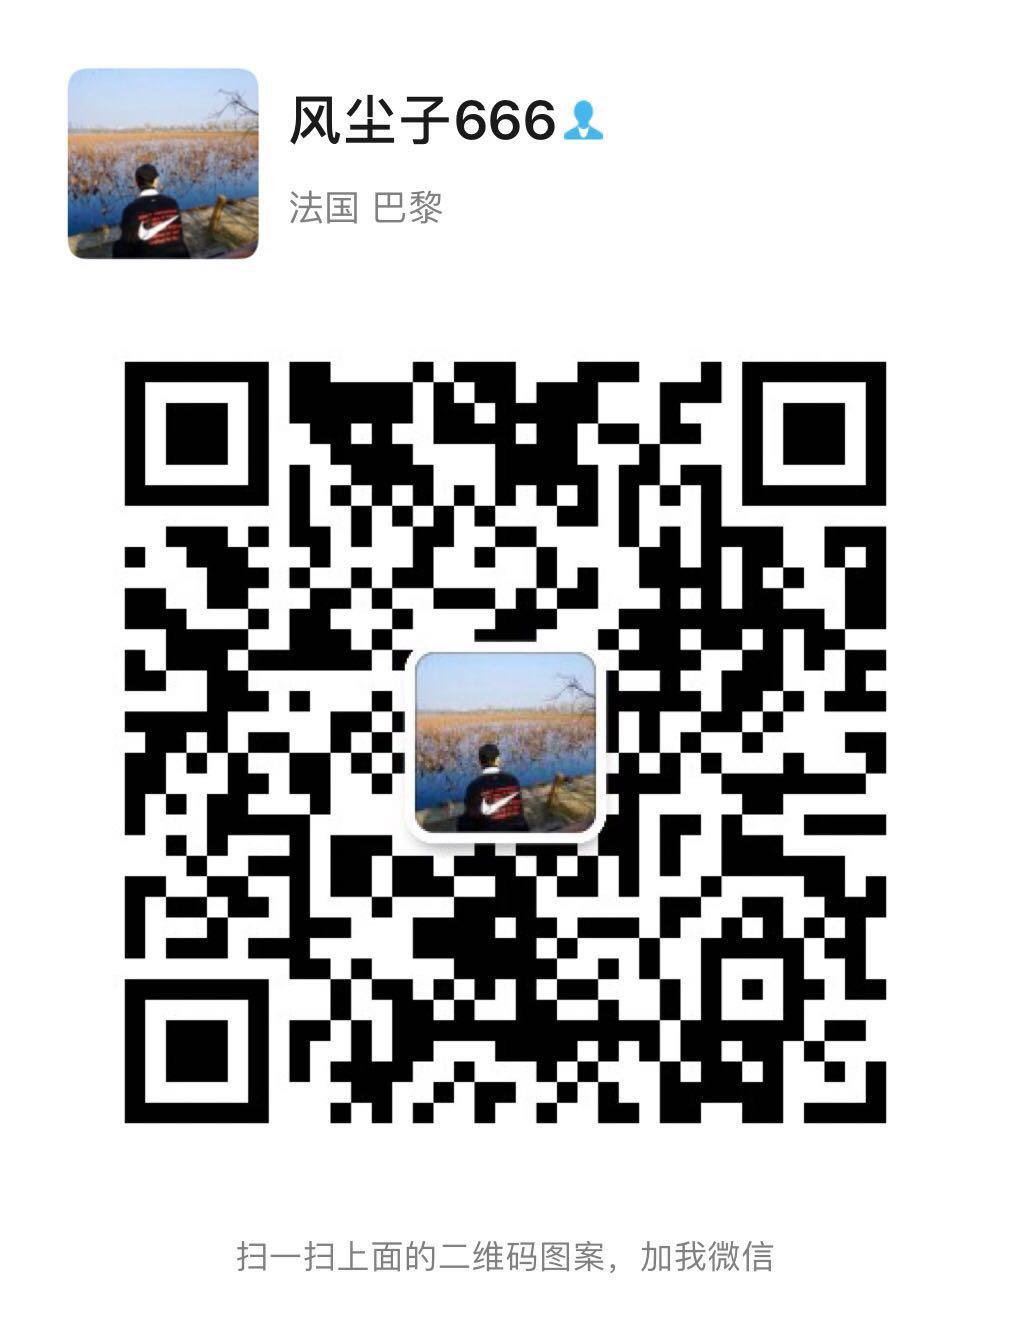 微信图片_20200626230010.jpg